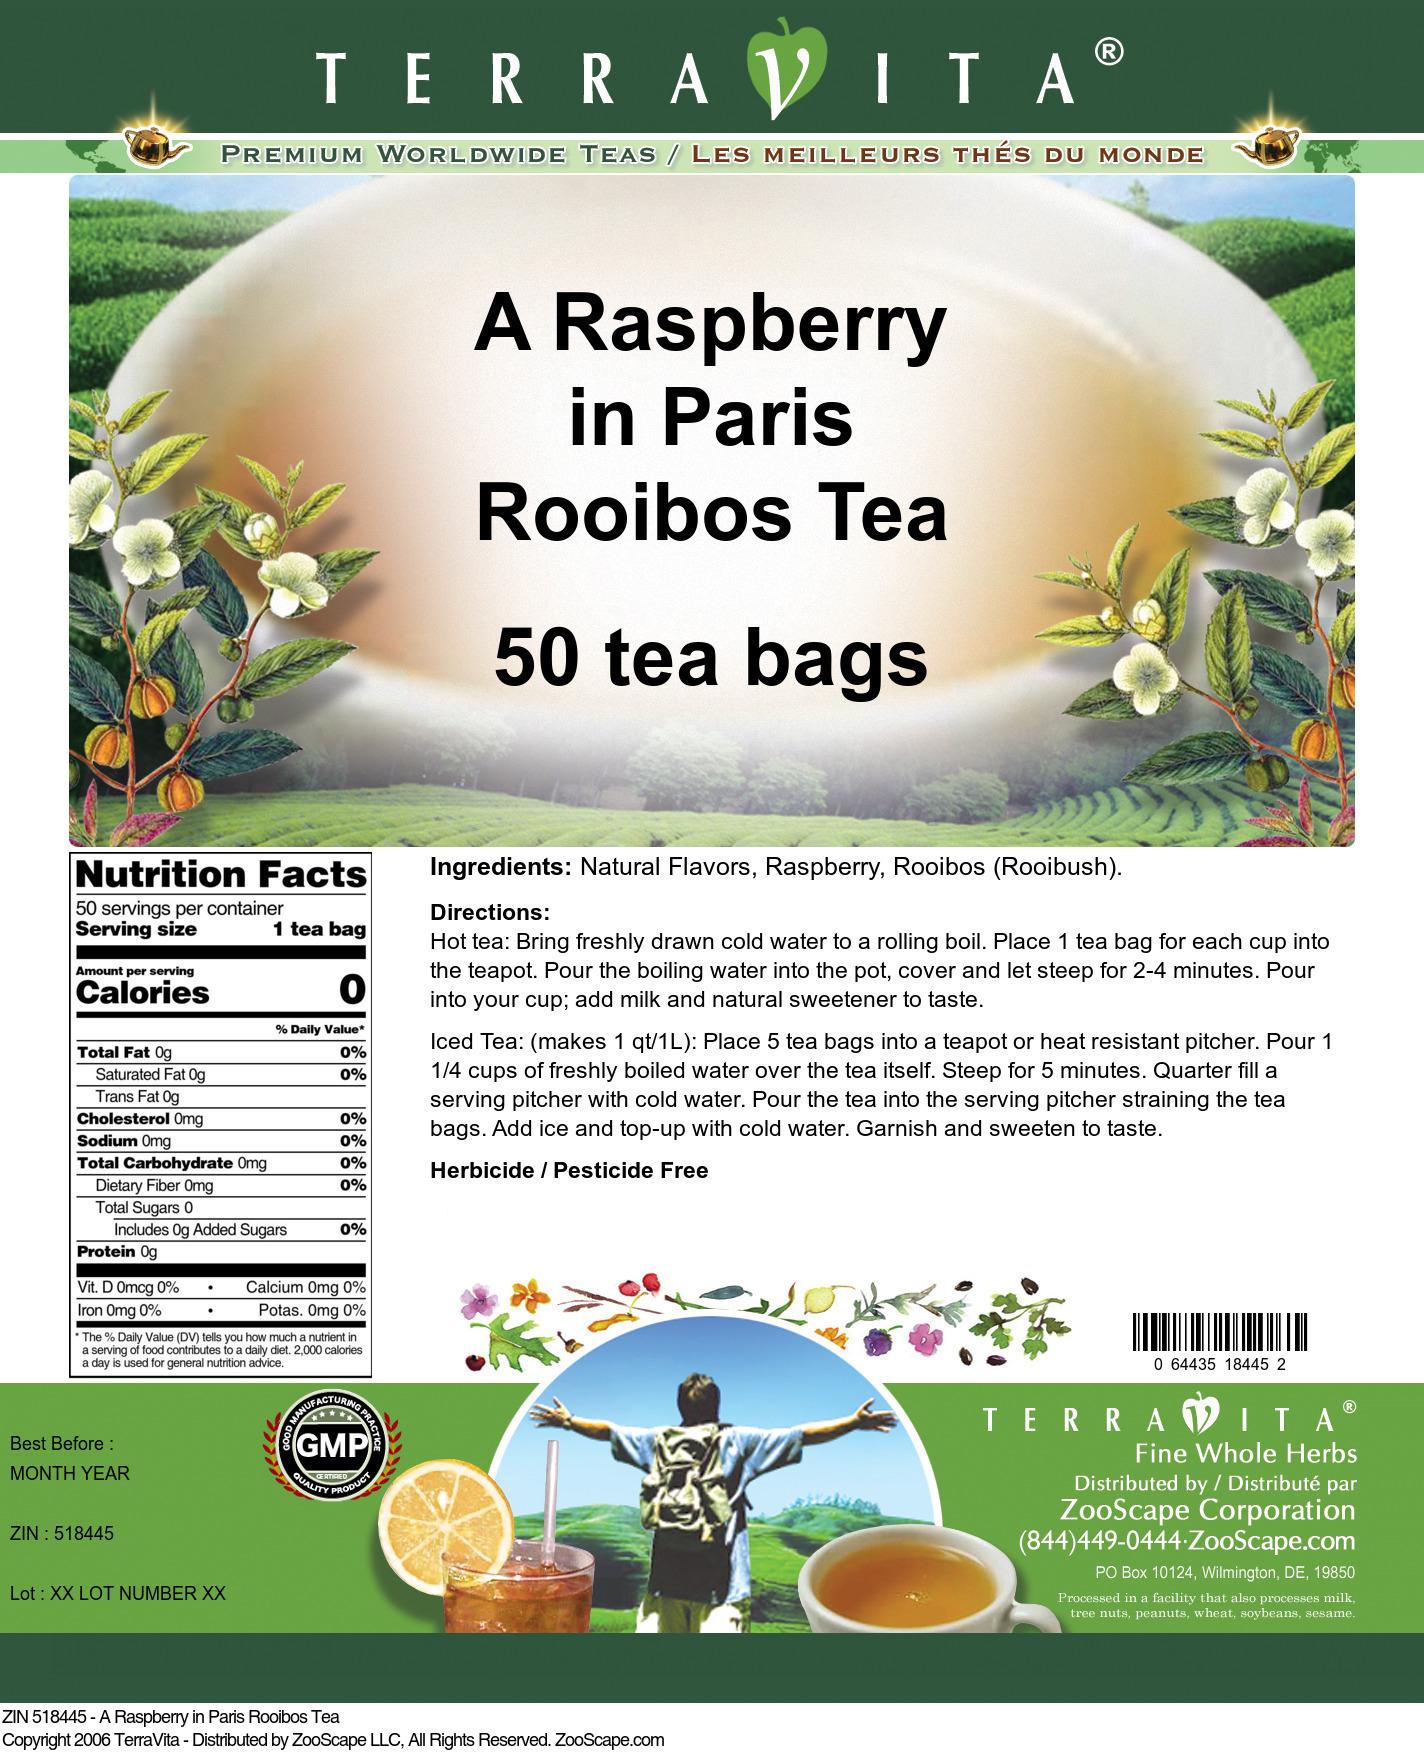 A Raspberry in Paris Rooibos Tea